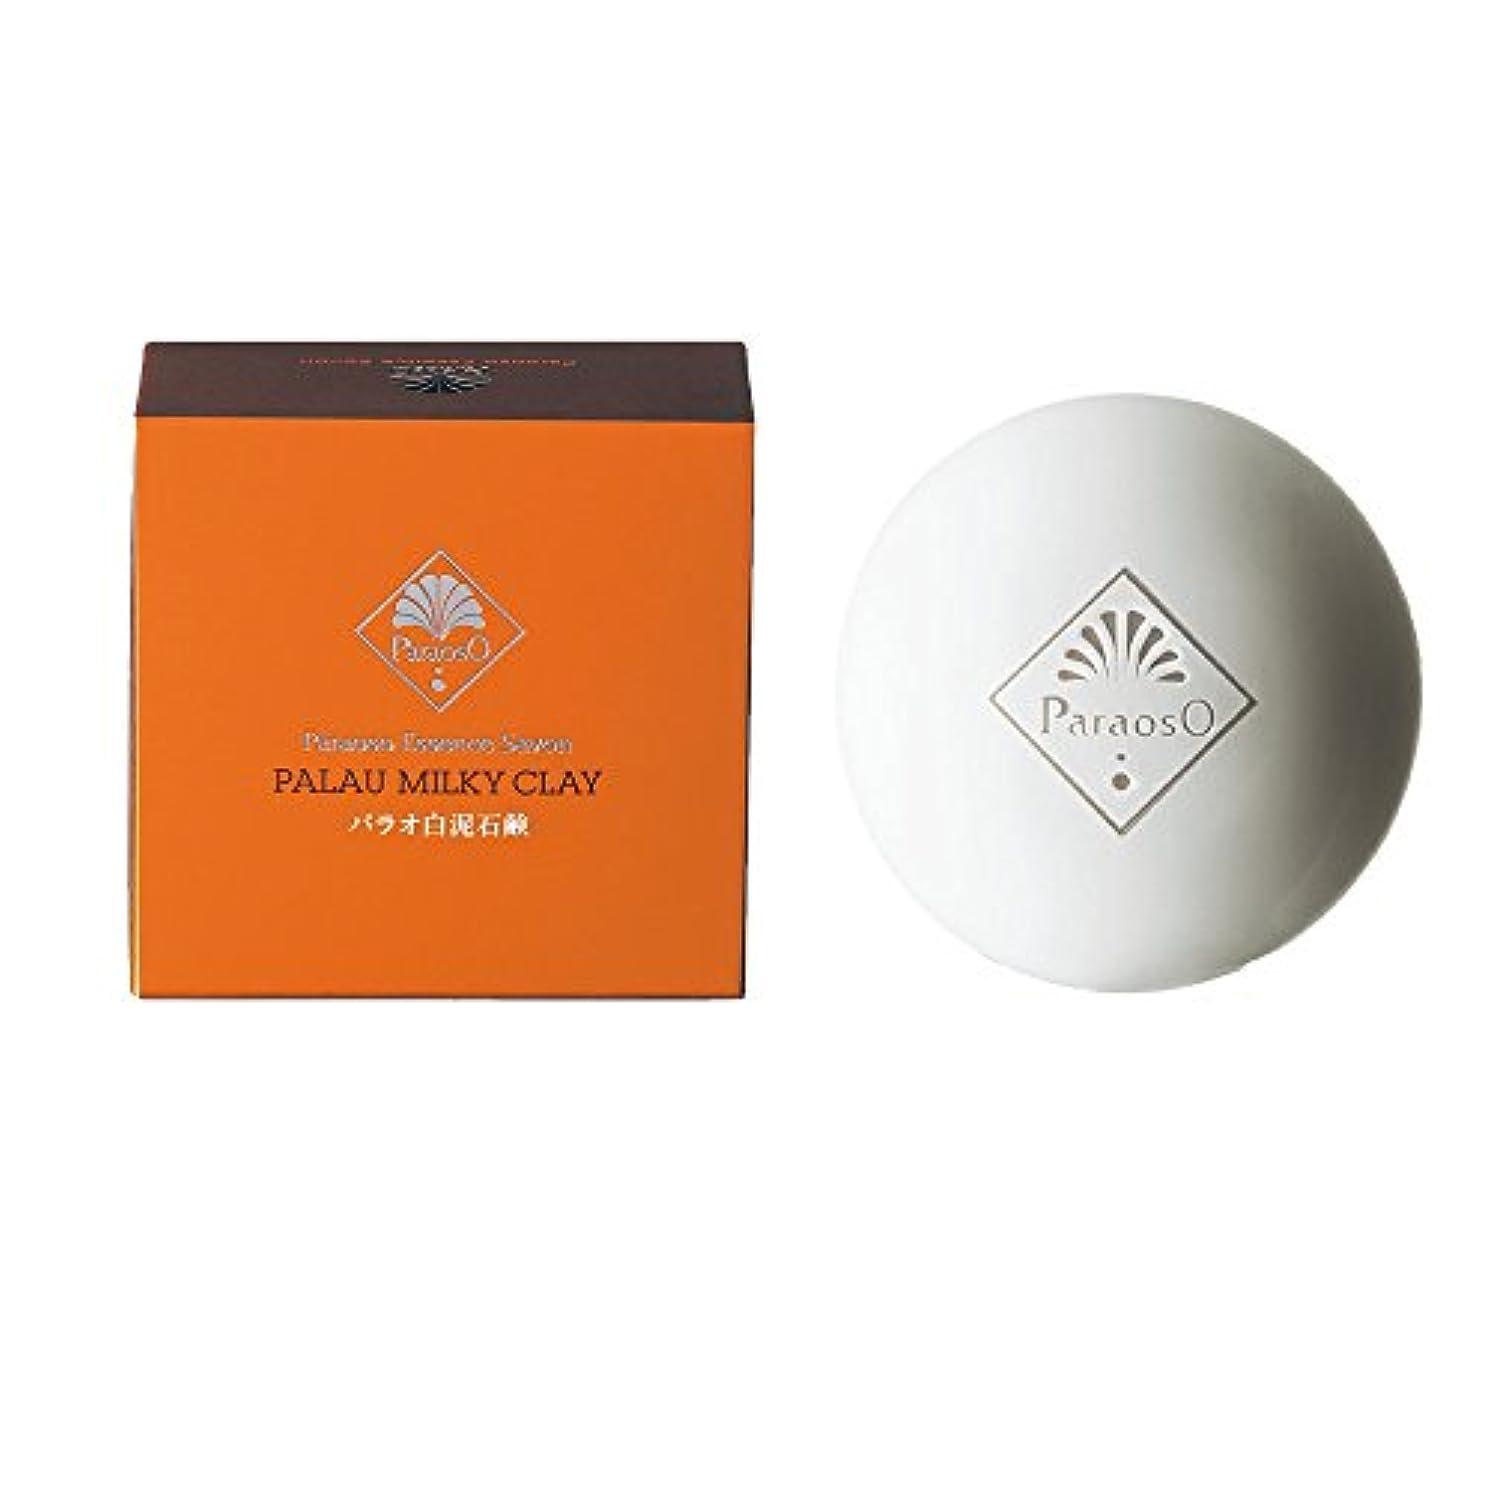 ふさわしい防止意欲パラオソエッセンスサボン 1個 +洗顔ネット